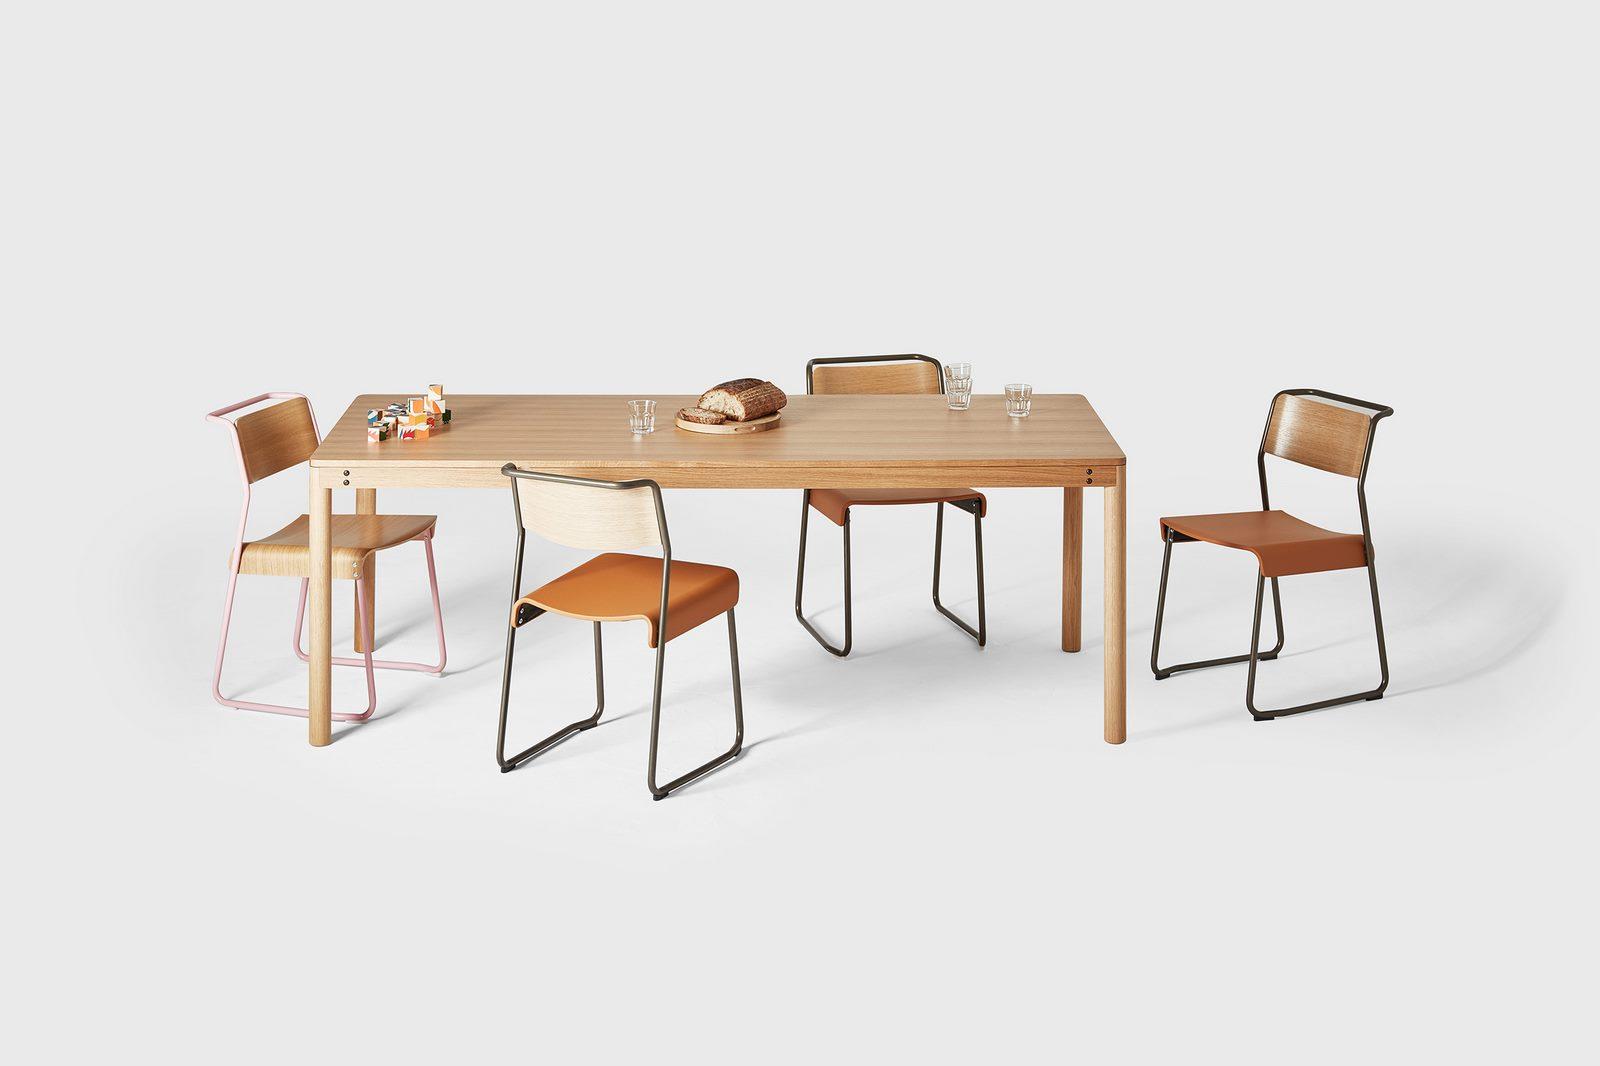 Opciones de Mesas y sillas para comedor 6